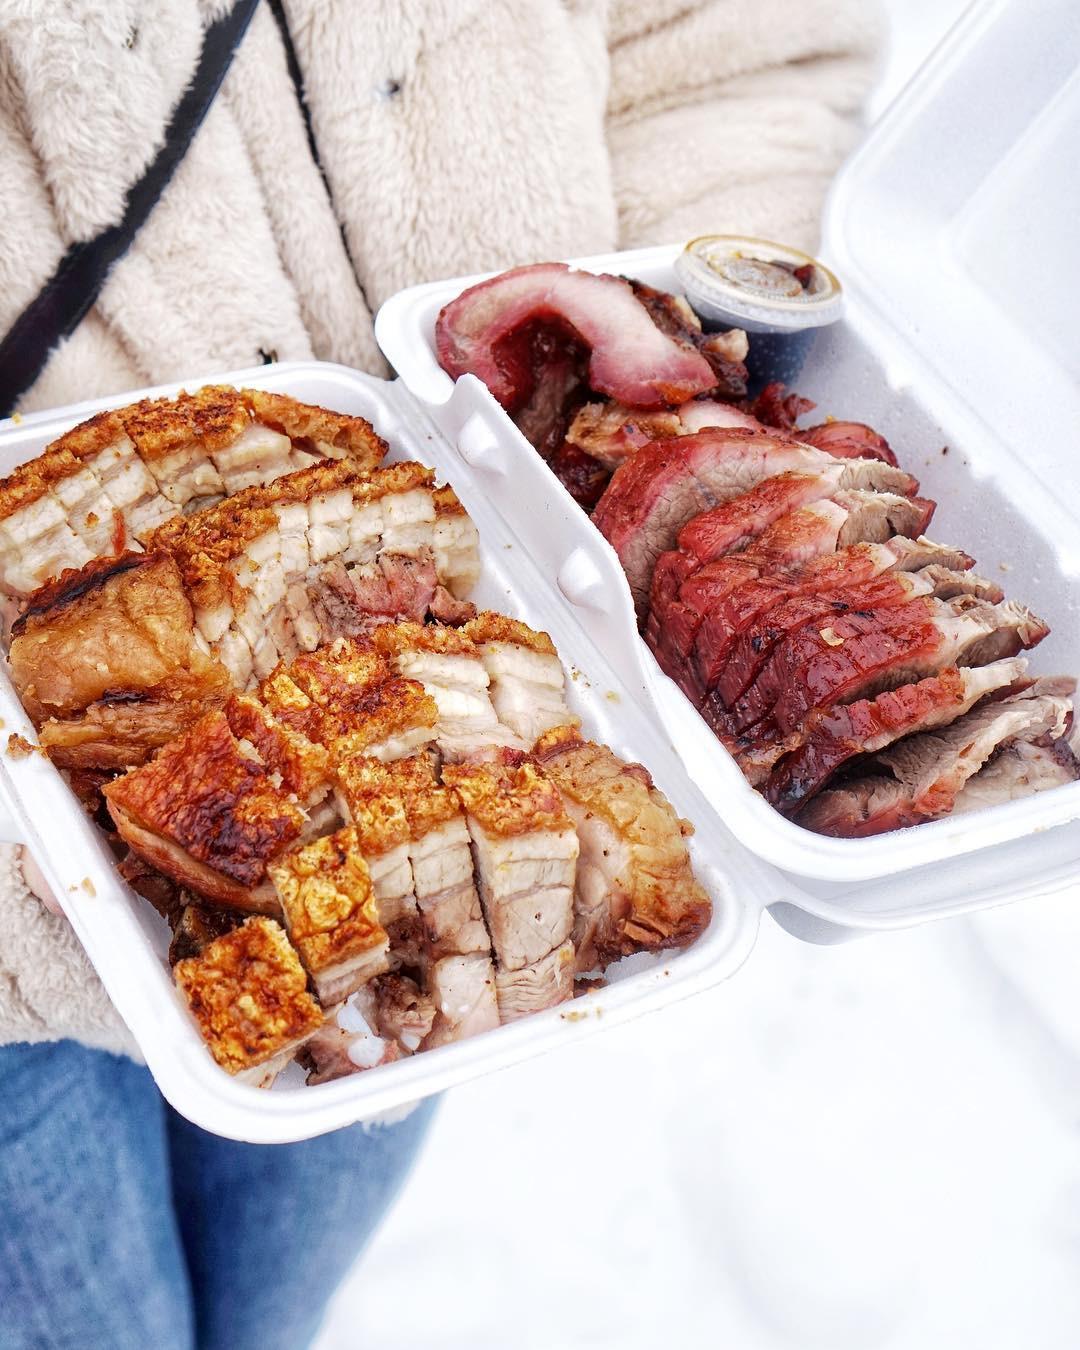 Nằm lòng 7 món ăn vặt siêu hấp dẫn cho team du lịch quét sập Hong Kong - Ảnh 22.